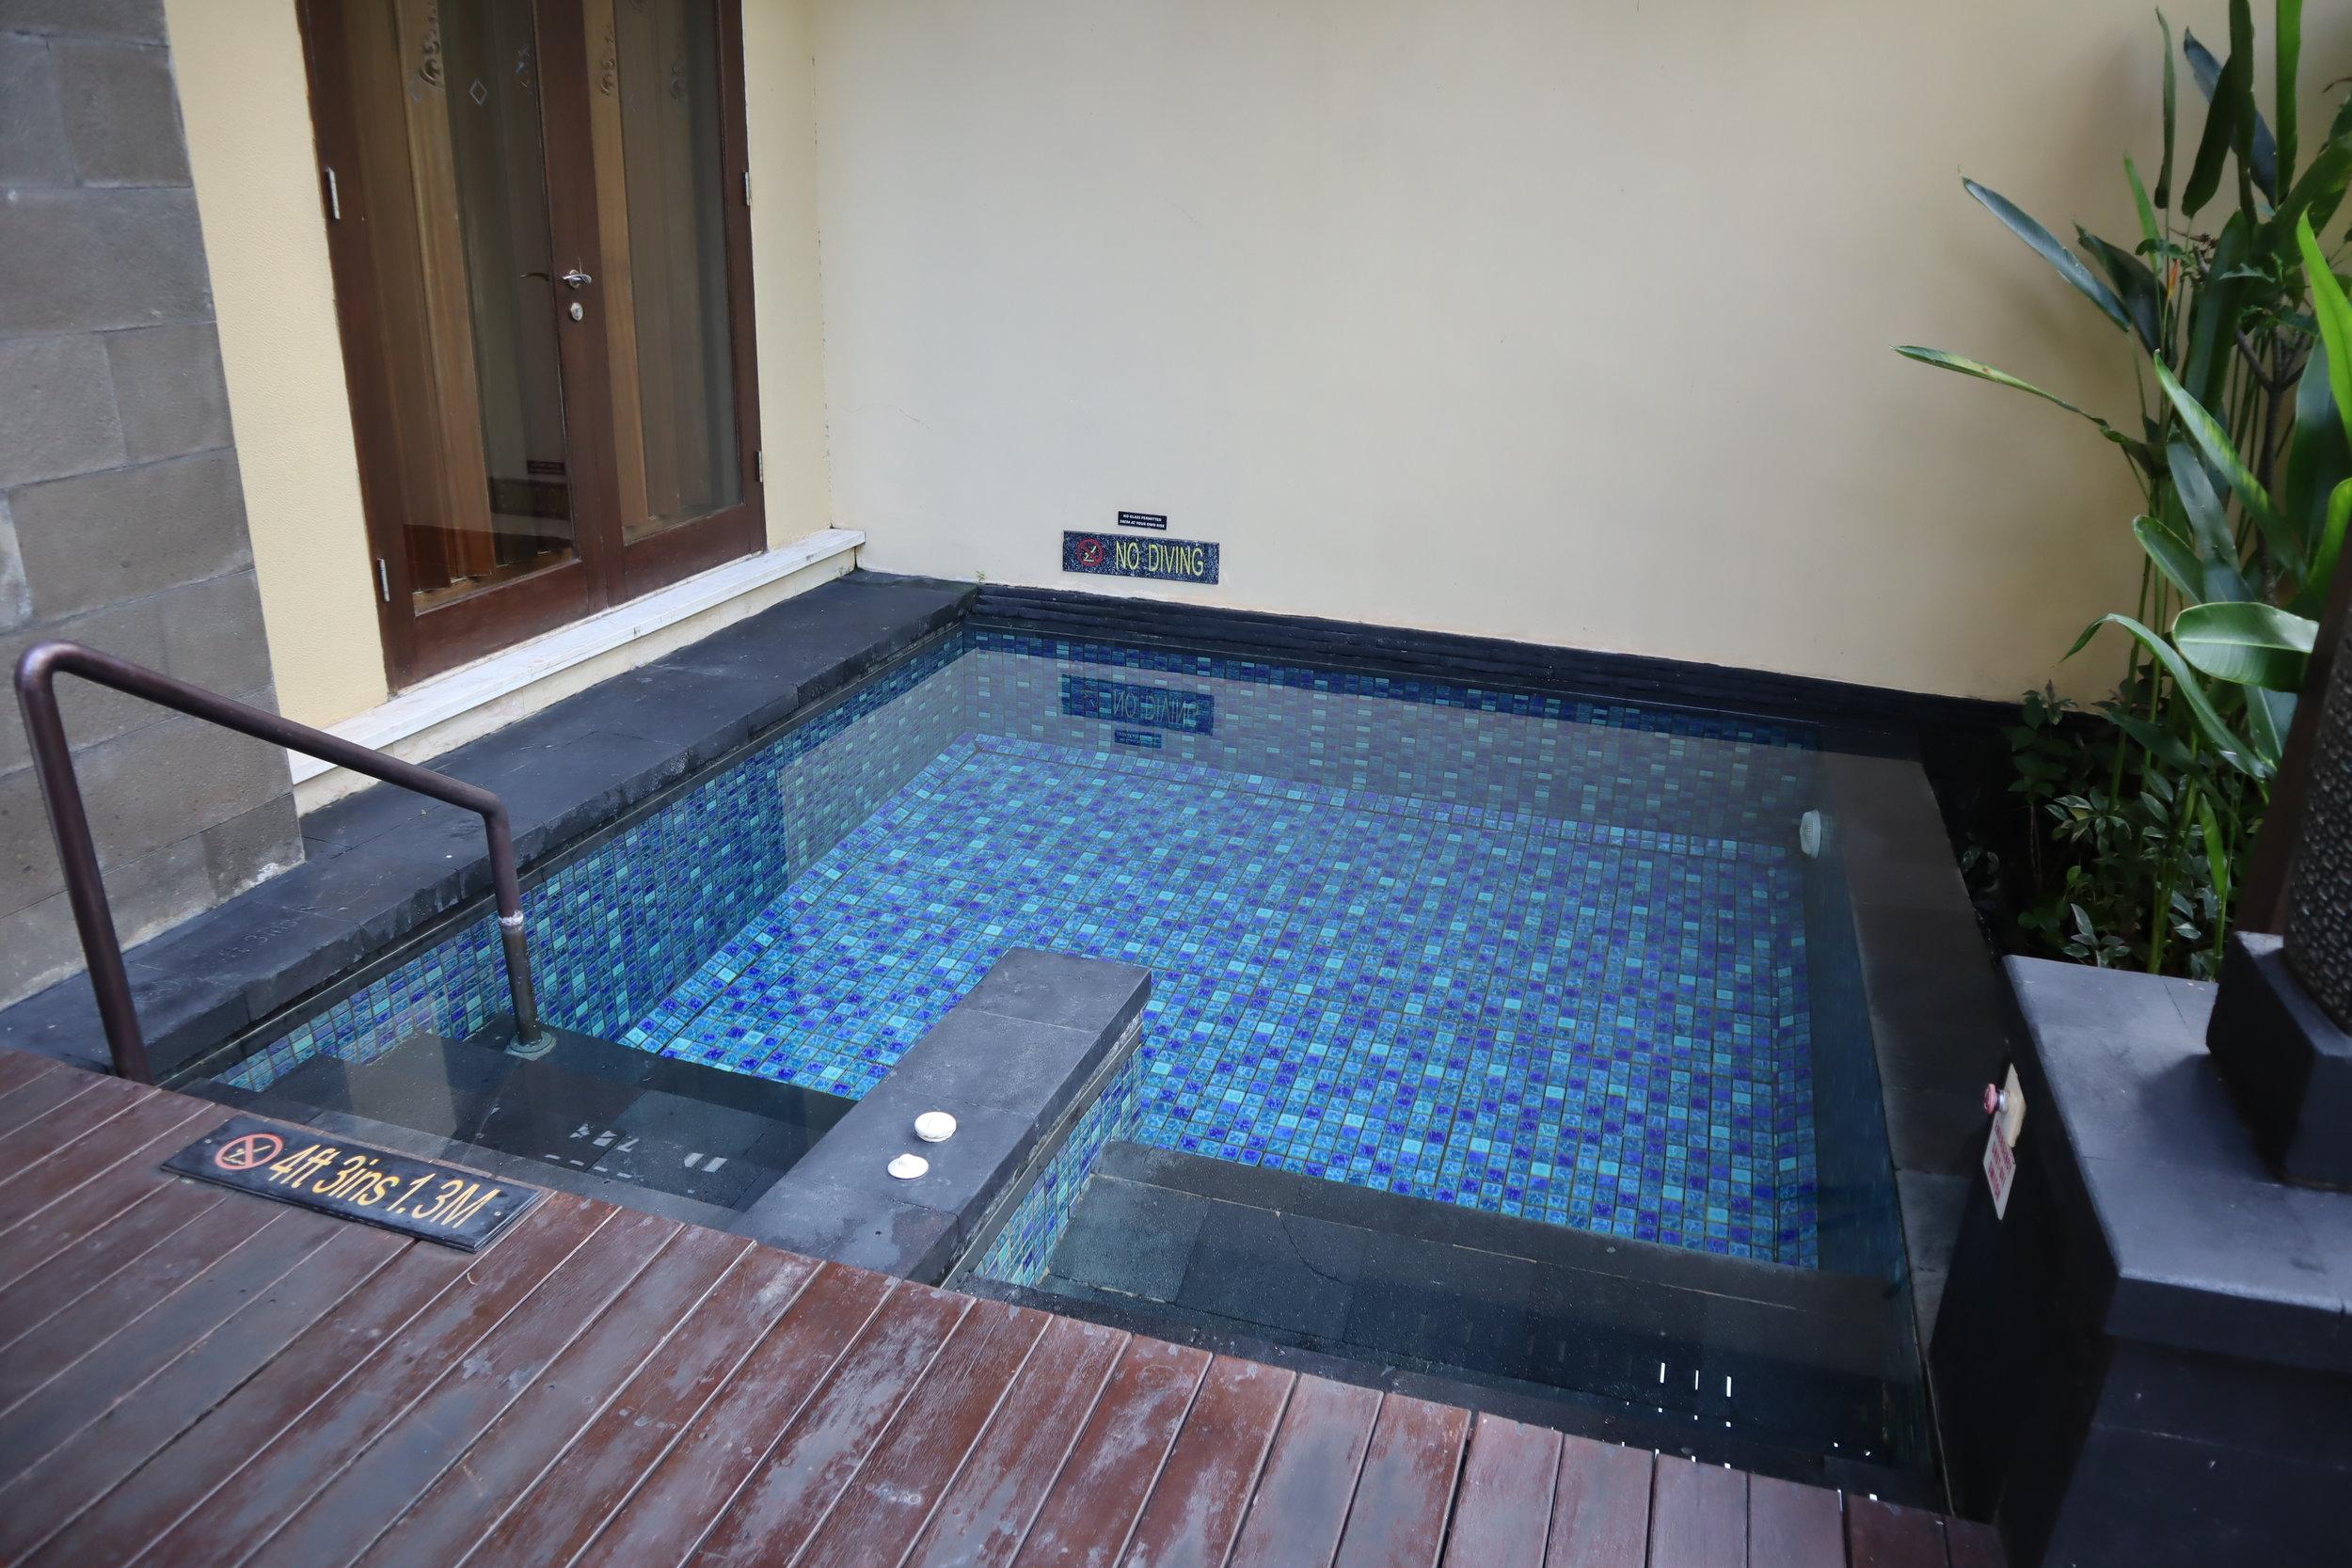 St. Regis Bali – St. Regis Pool Suite plunge pool